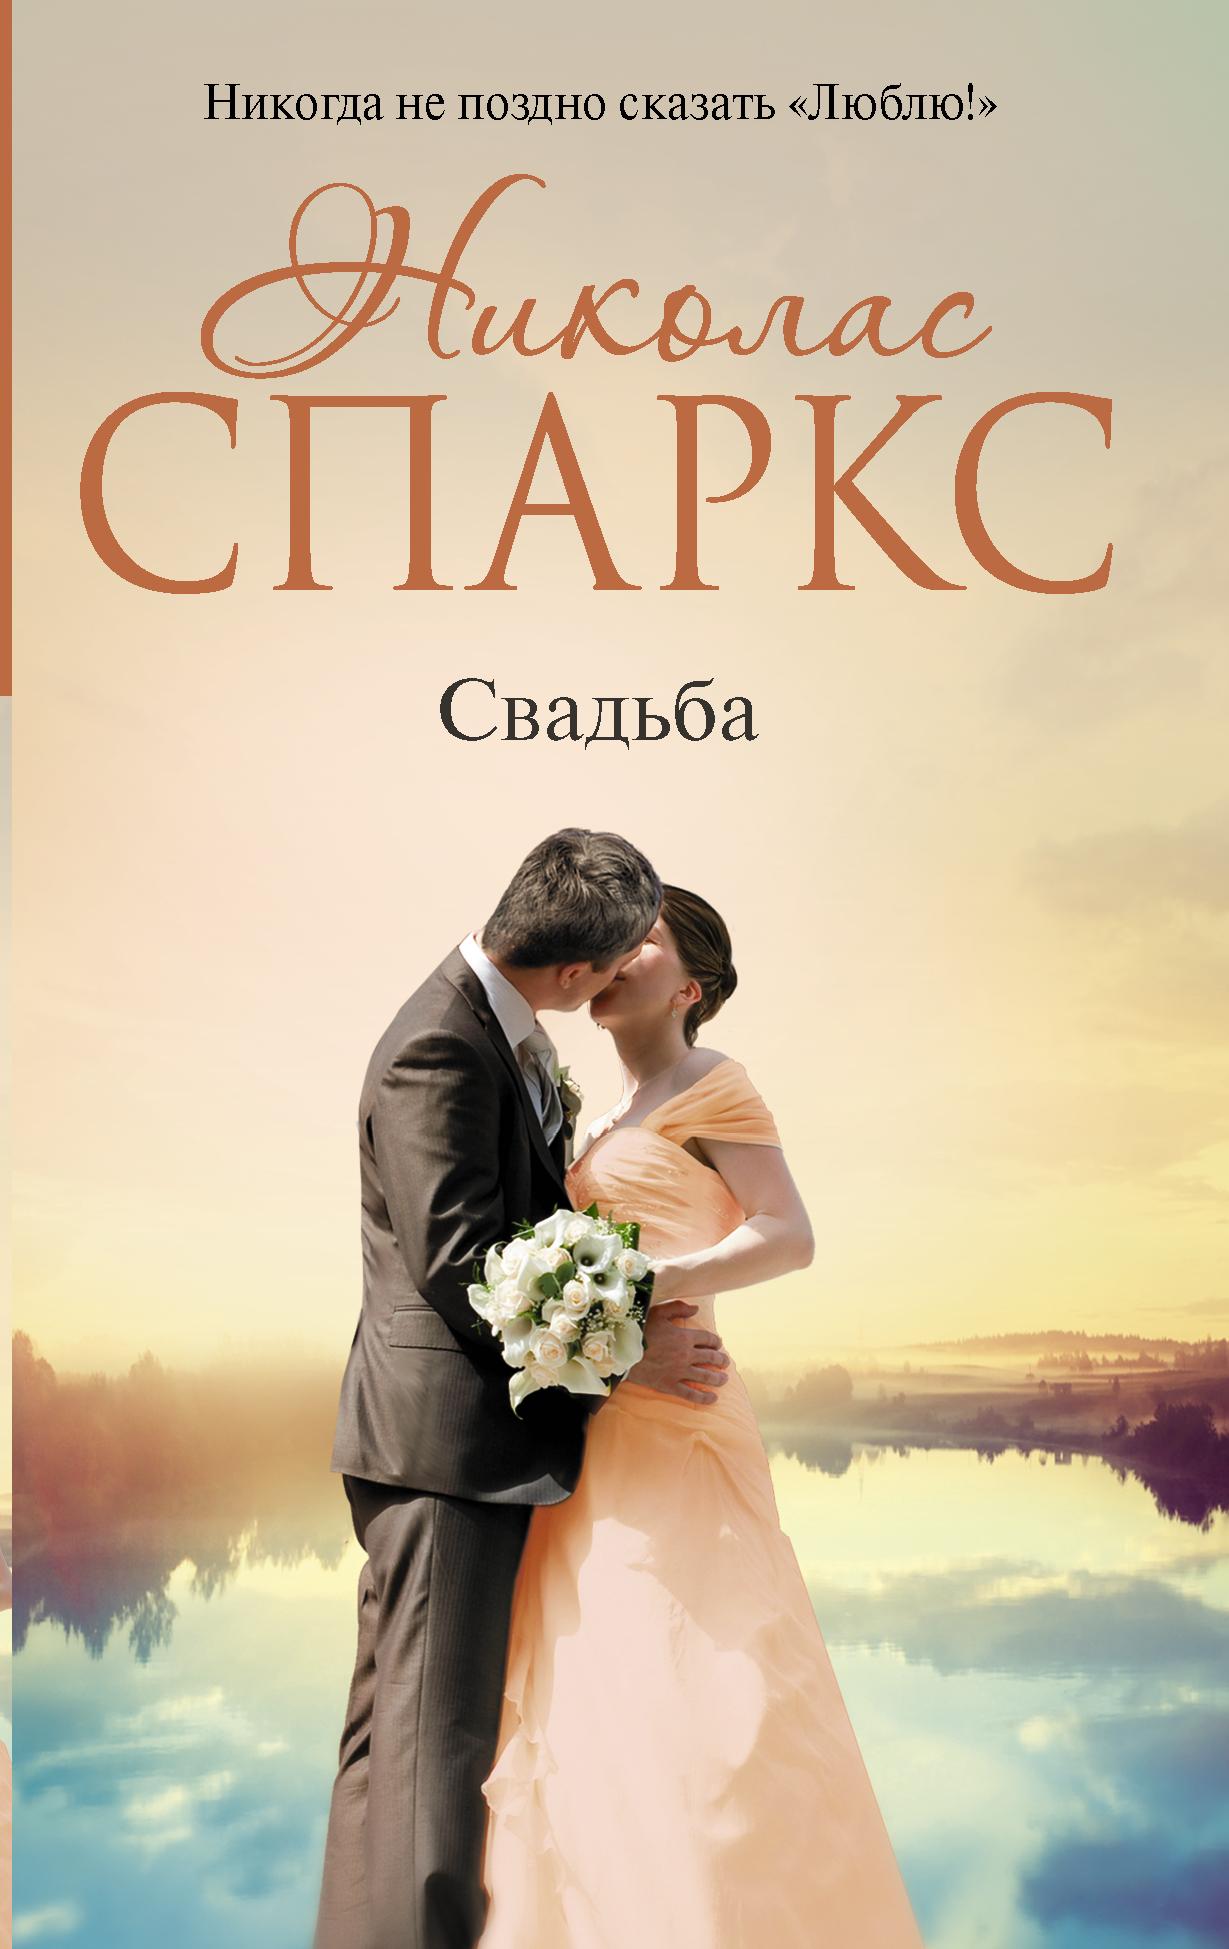 Николас Спаркс Свадьба спаркс николас дневник памяти